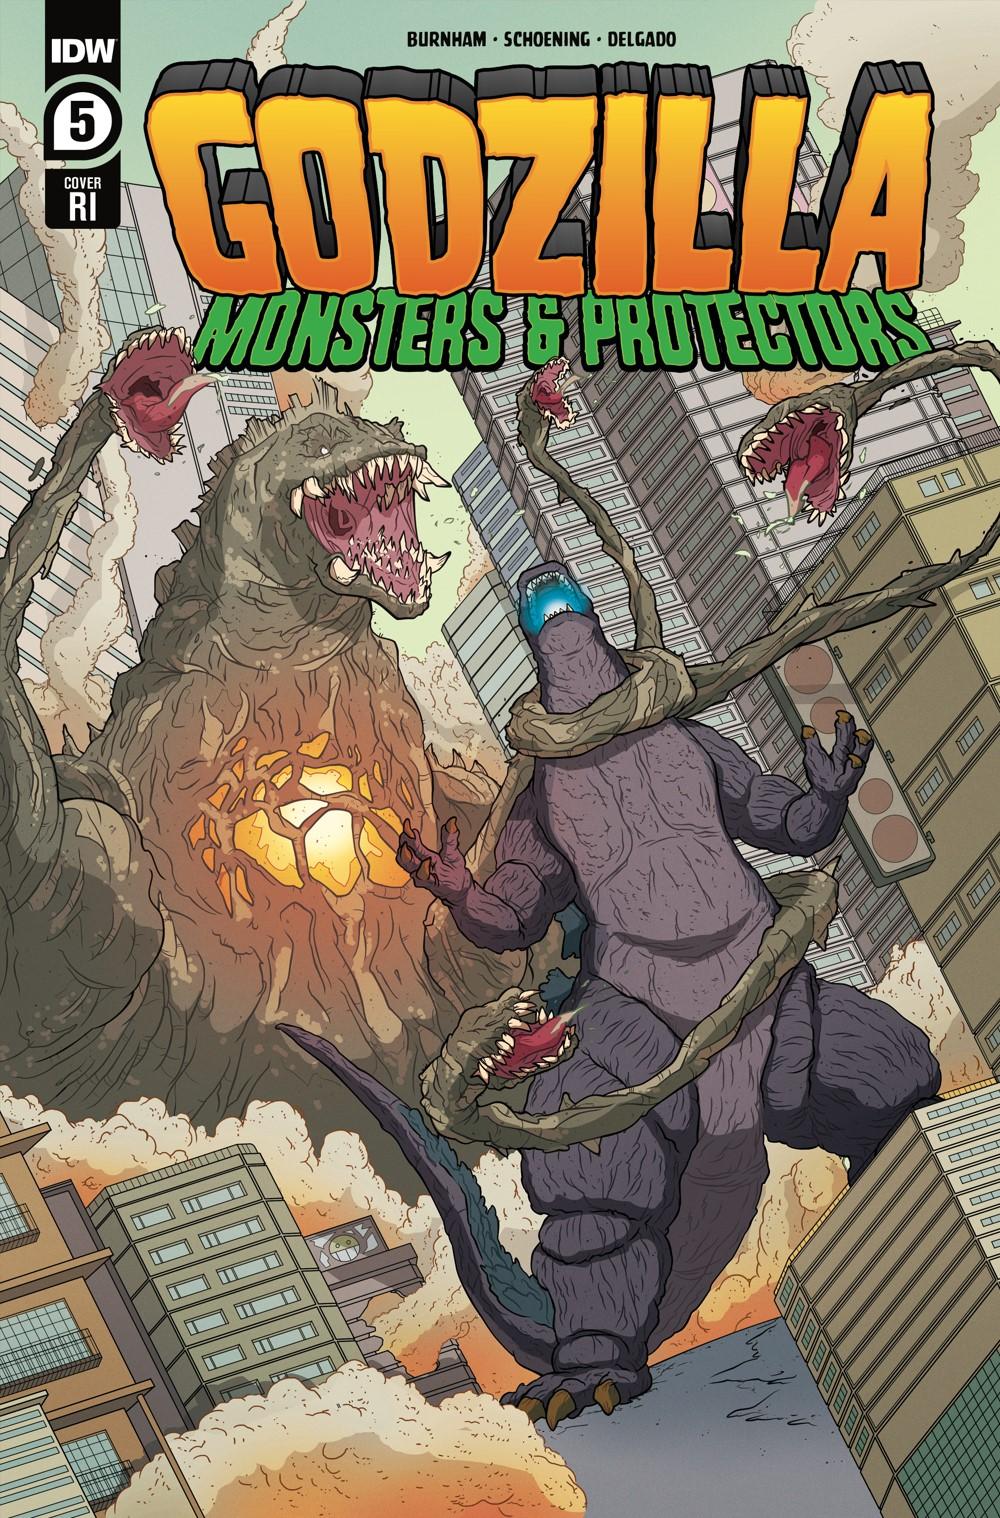 Godzilla_MP05-coverRI ComicList: IDW Publishing New Releases for 08/18/2021